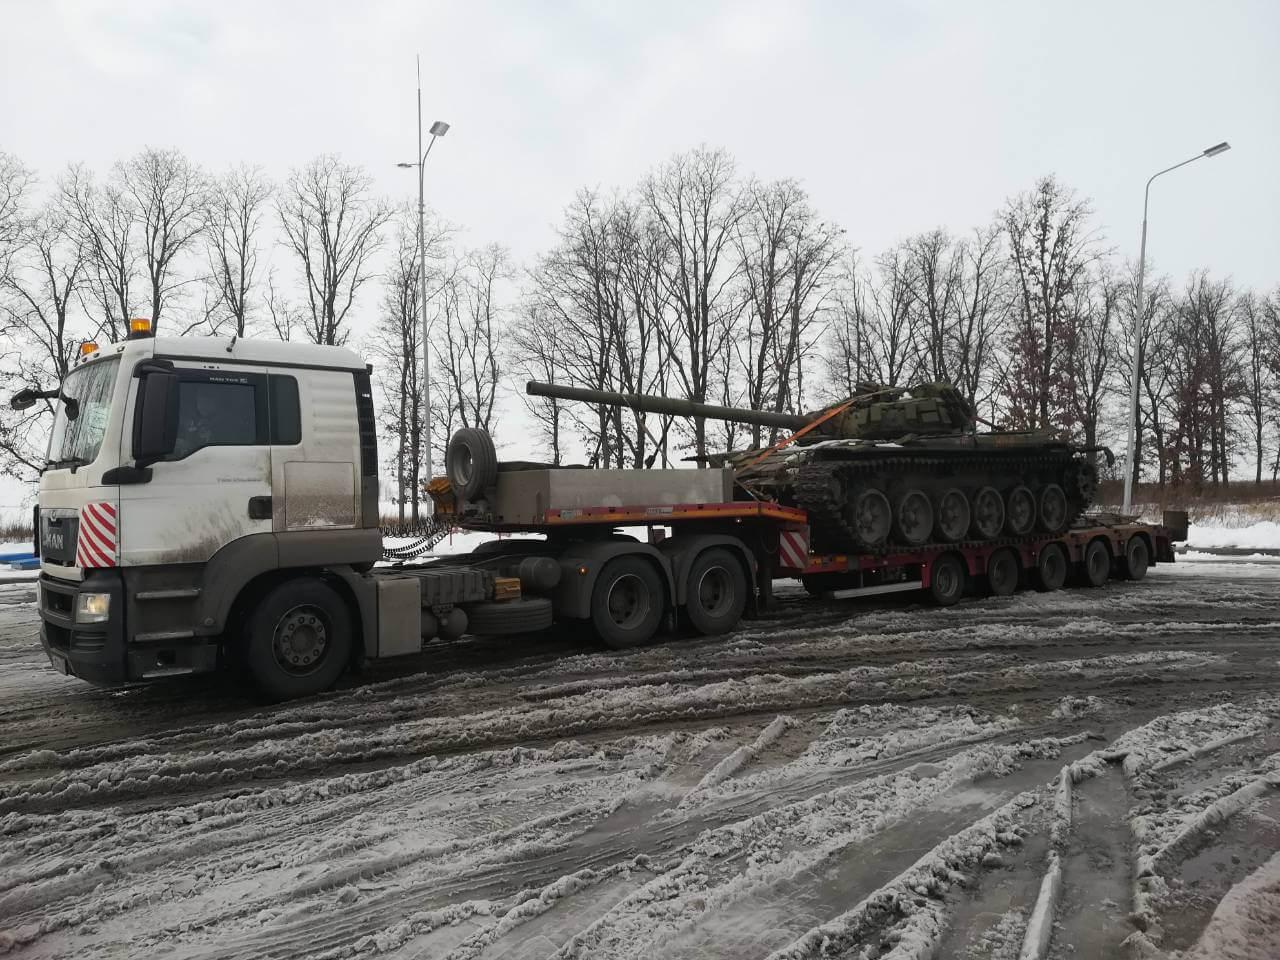 Доставка демилитаризованного танка Т-72 в Государственный военно-исторический музей заповедник «Прохоровское поле»